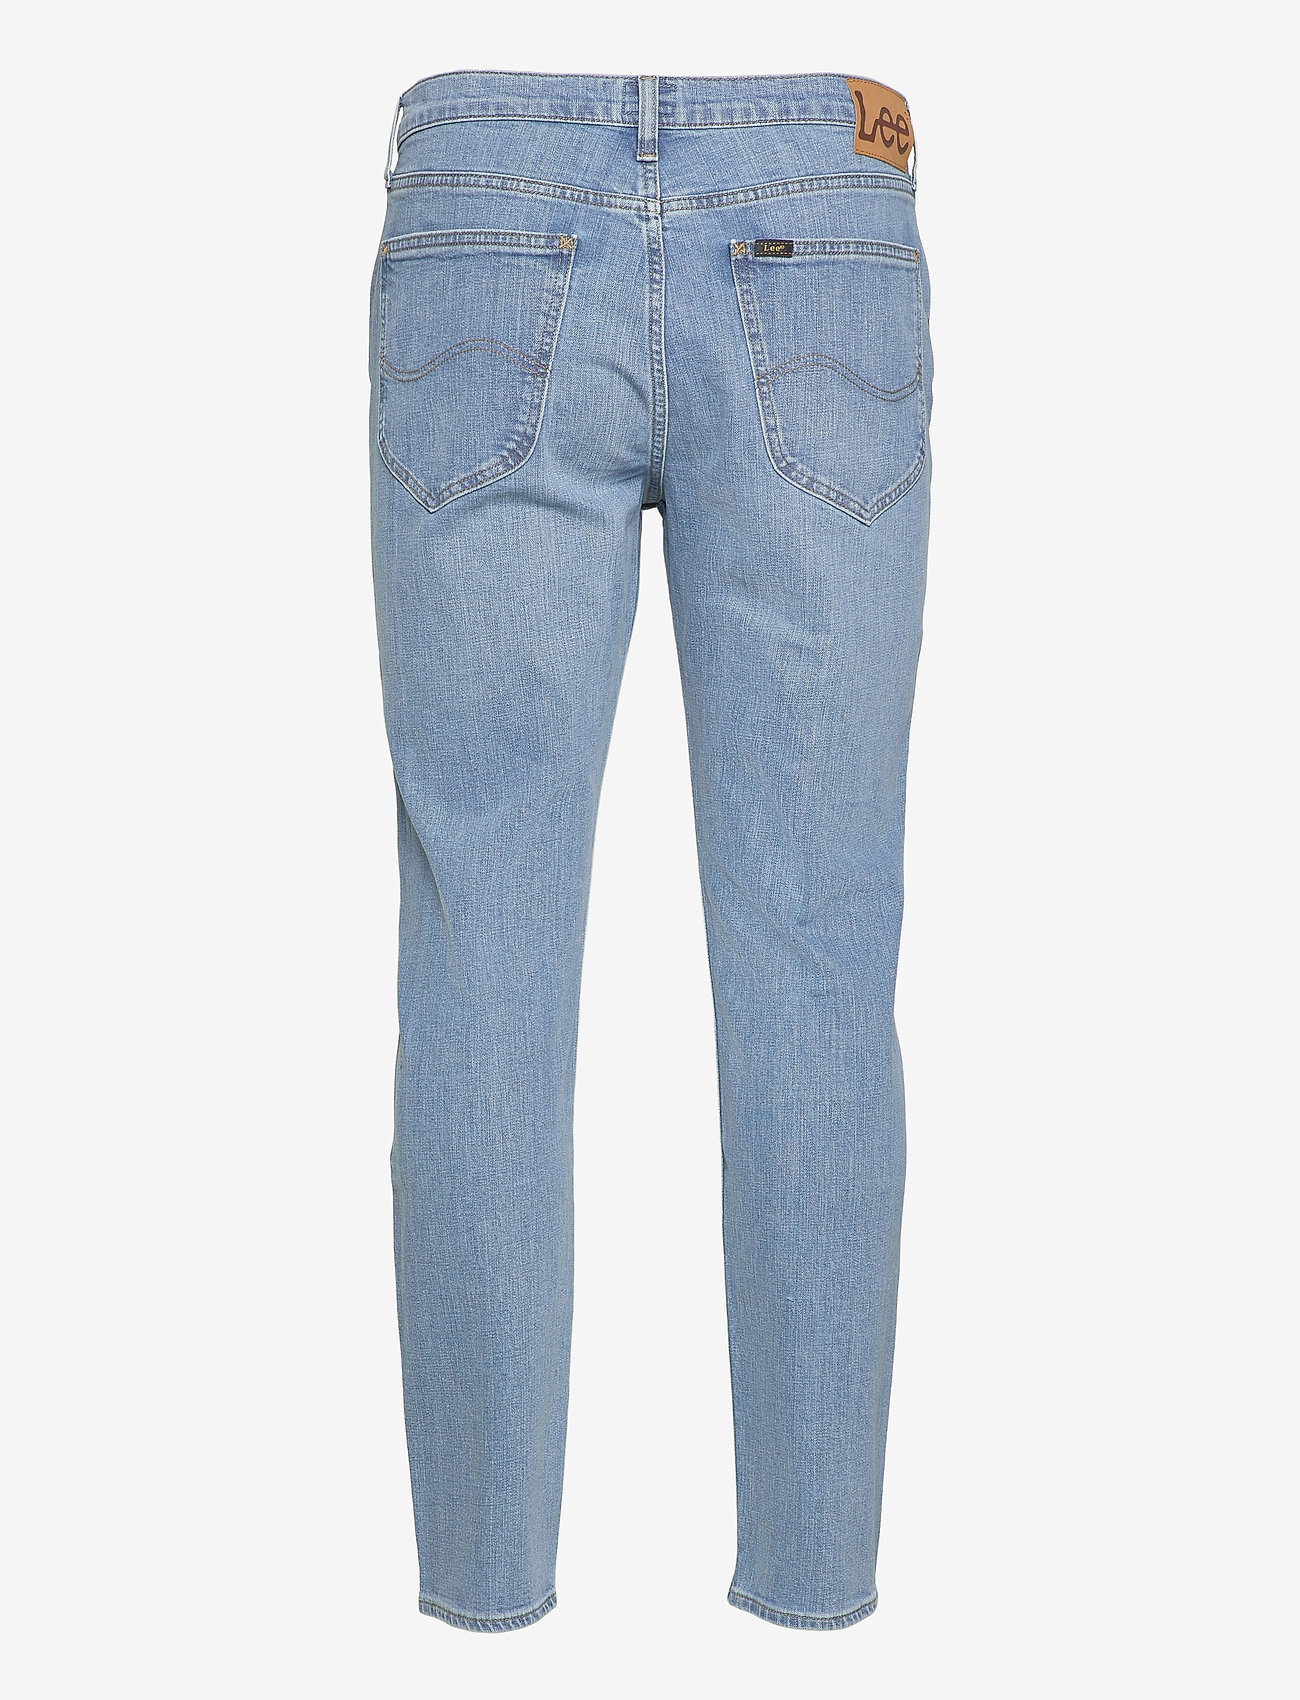 Lee Jeans - AUSTIN - regular jeans - light bluegrass - 1